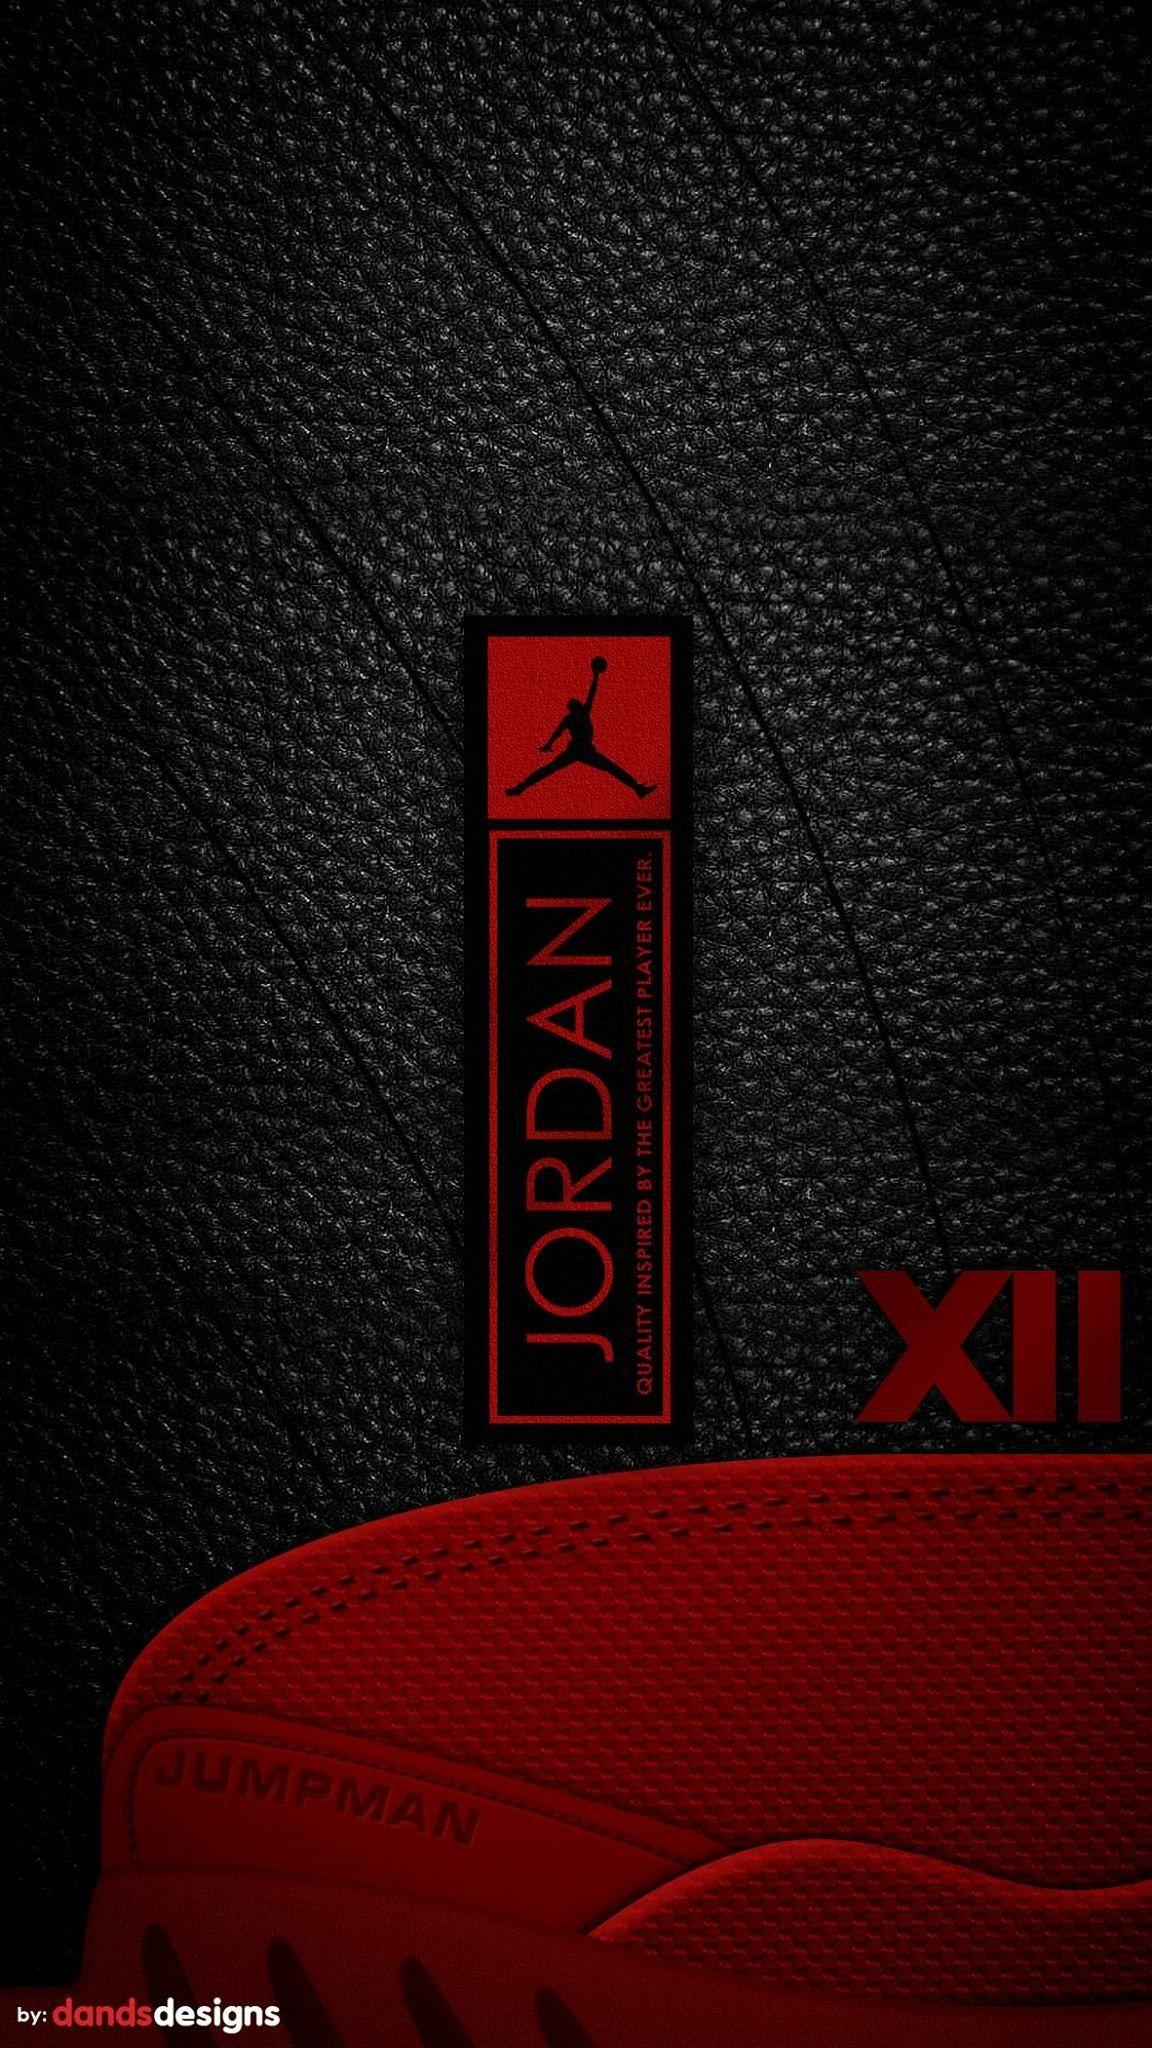 Jordan 12 Jordan Logo Wallpaper Nike Wallpaper Cool Nike Wallpapers